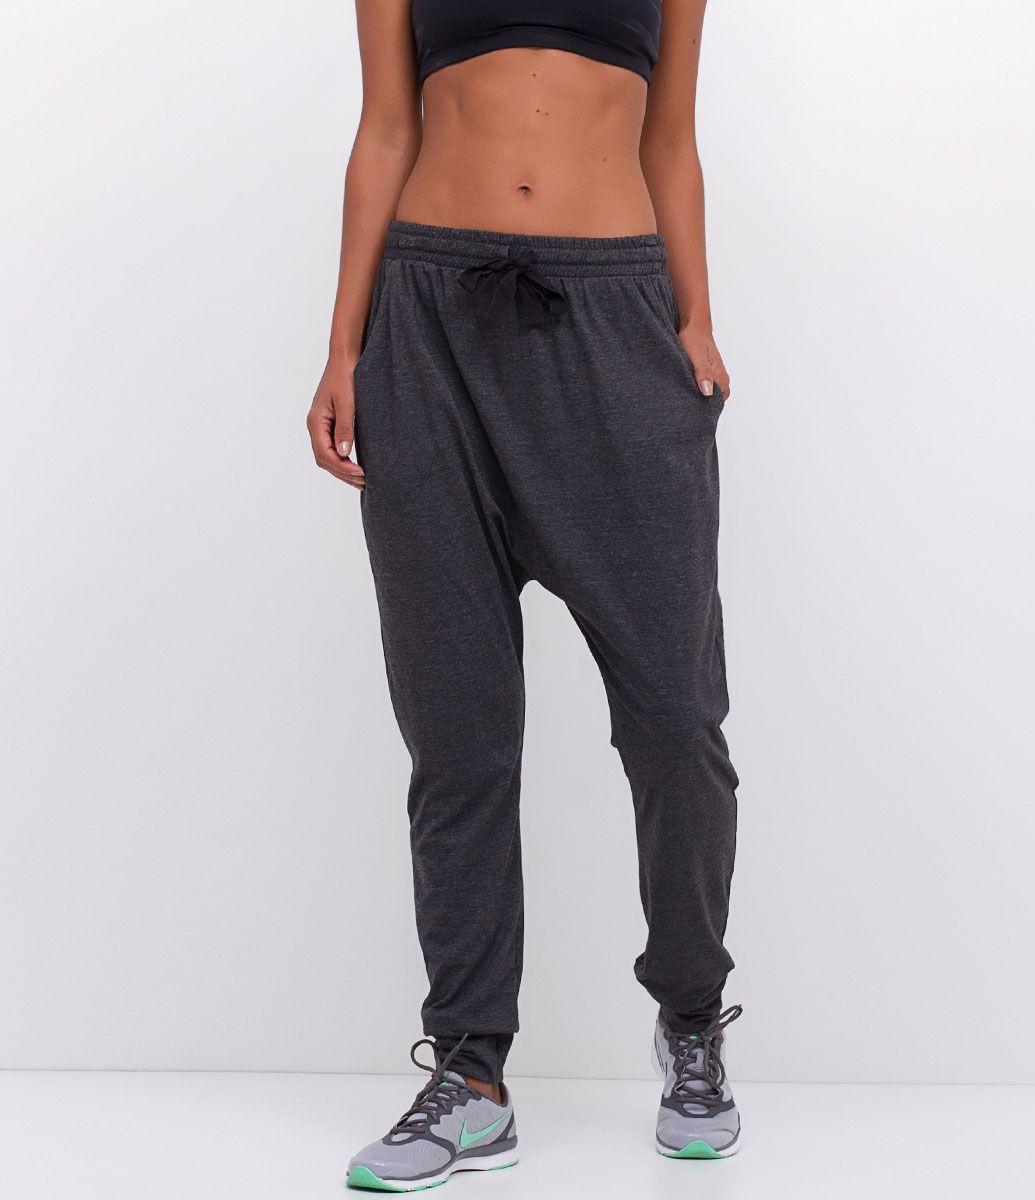 Calça feminina Modelo saruel Esportivo Com amarração Com punho Marca  Get  Over Tecido  poliamida Composição  50% algodão e 50% poliéster Modelo veste  ... 13e8861ff2c